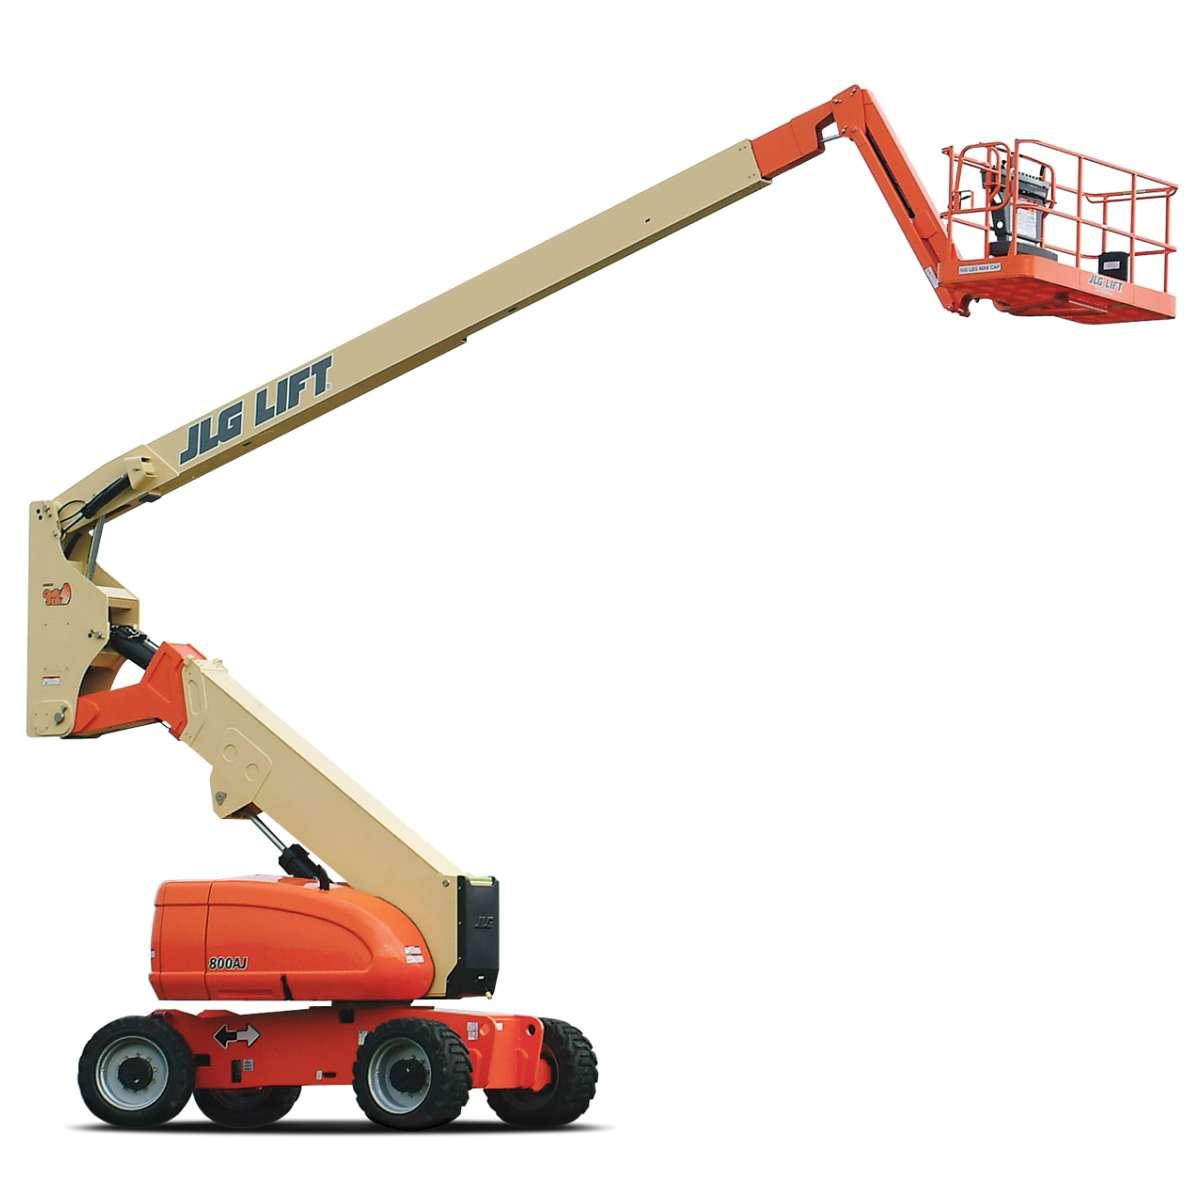 Cherry Picker Lift : Cherry picker hire jlg aj smiths equipment